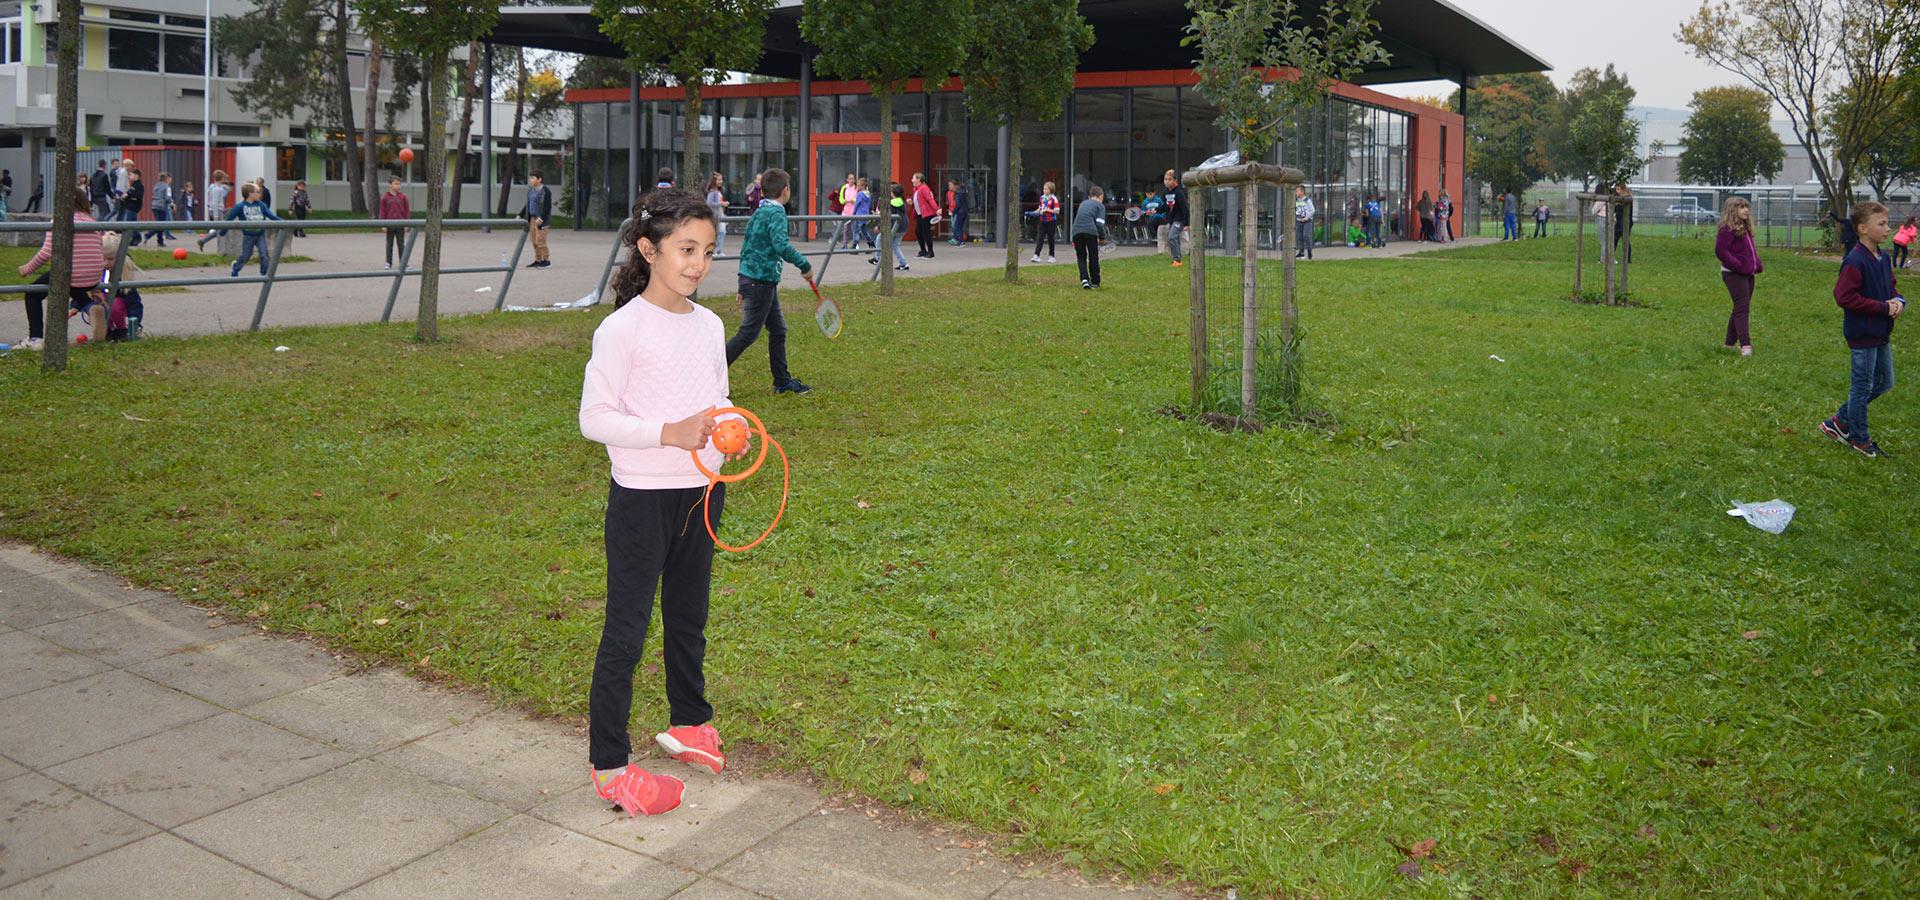 16-schillerschule-eislingen-gemeinschaft